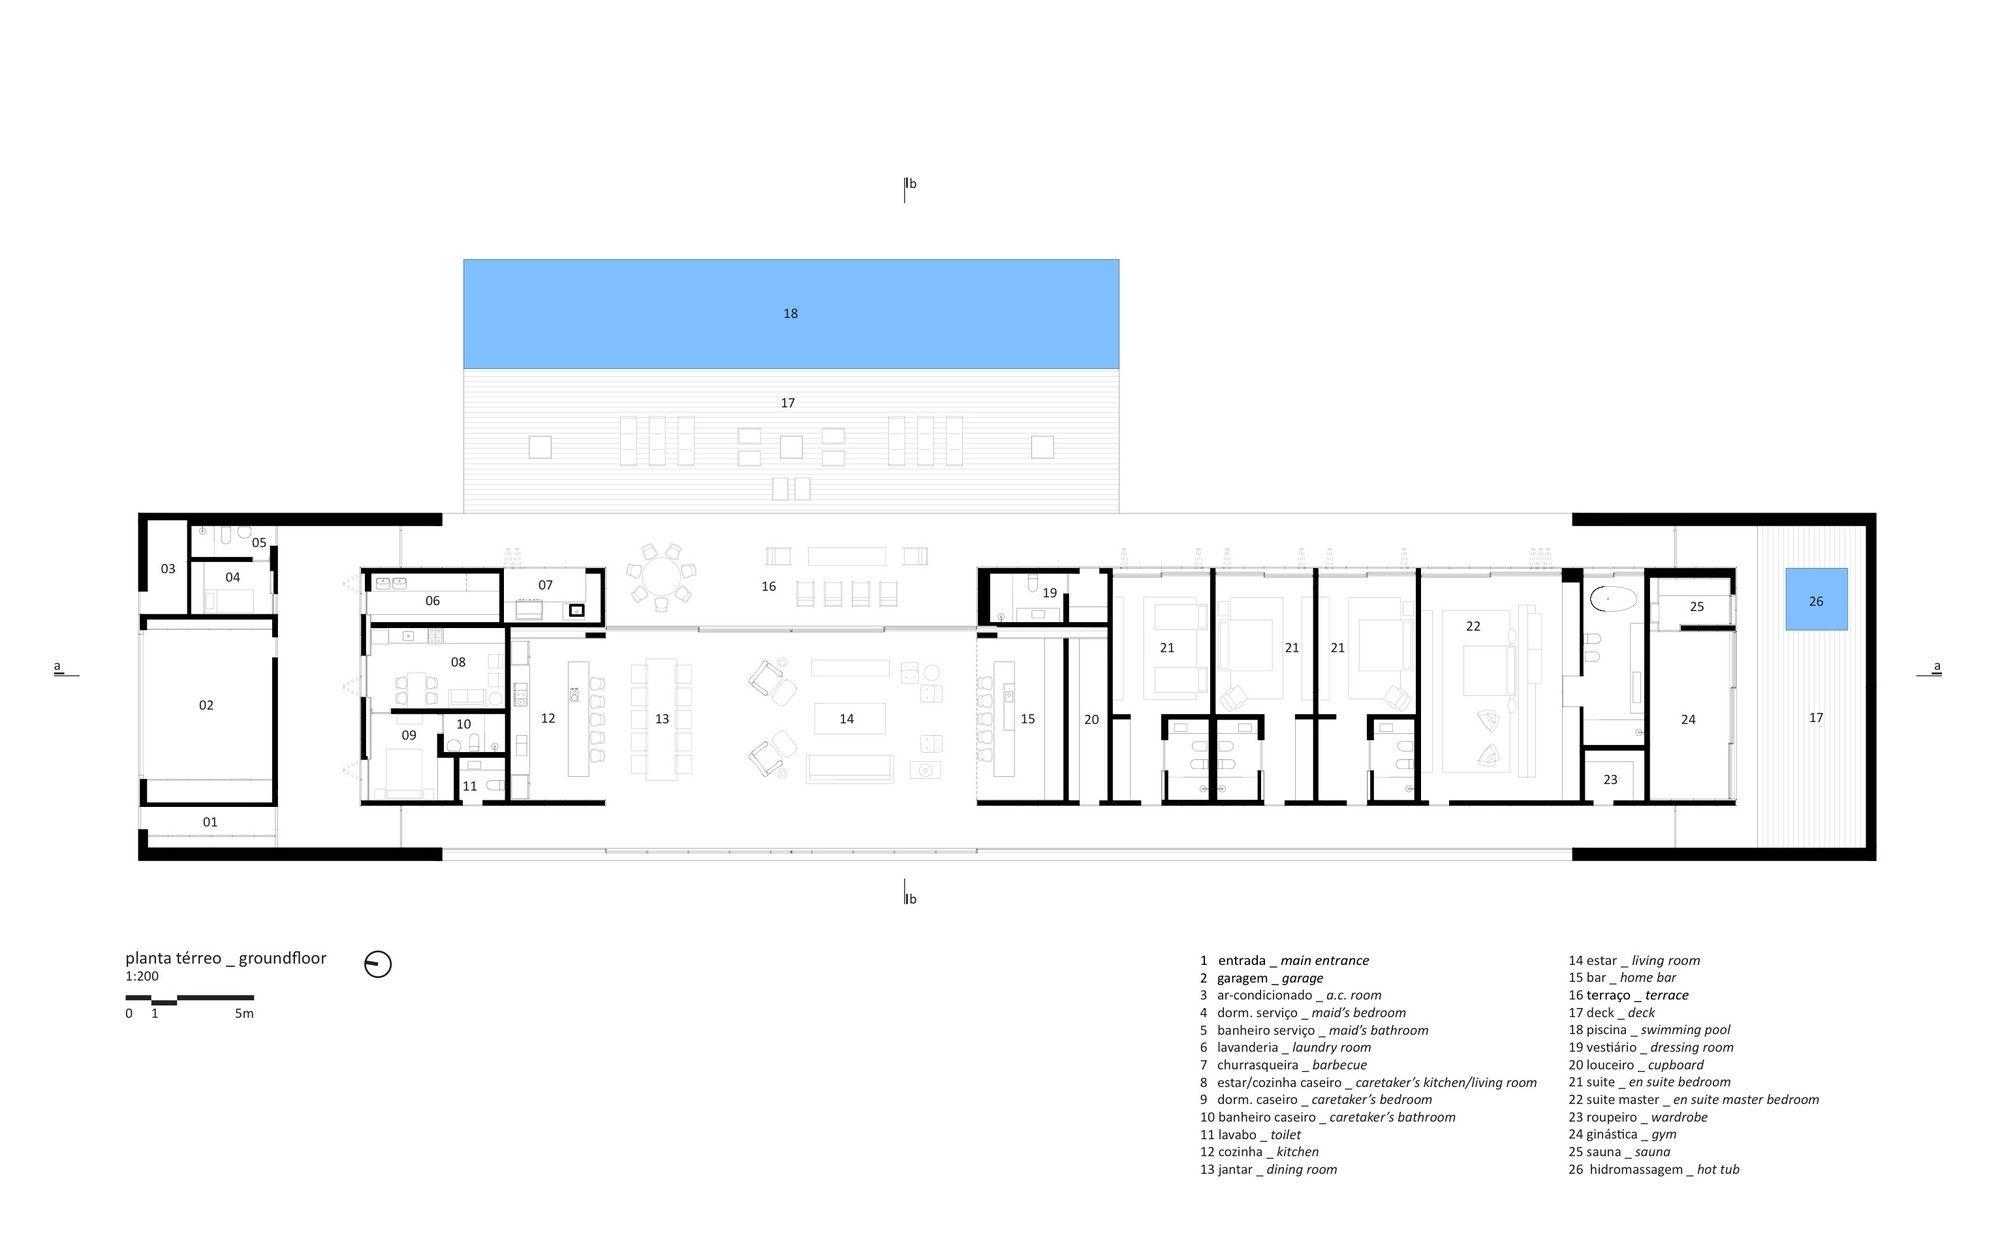 Gallery lee house studio mk27 marcio kogan eduardo glycerio 29